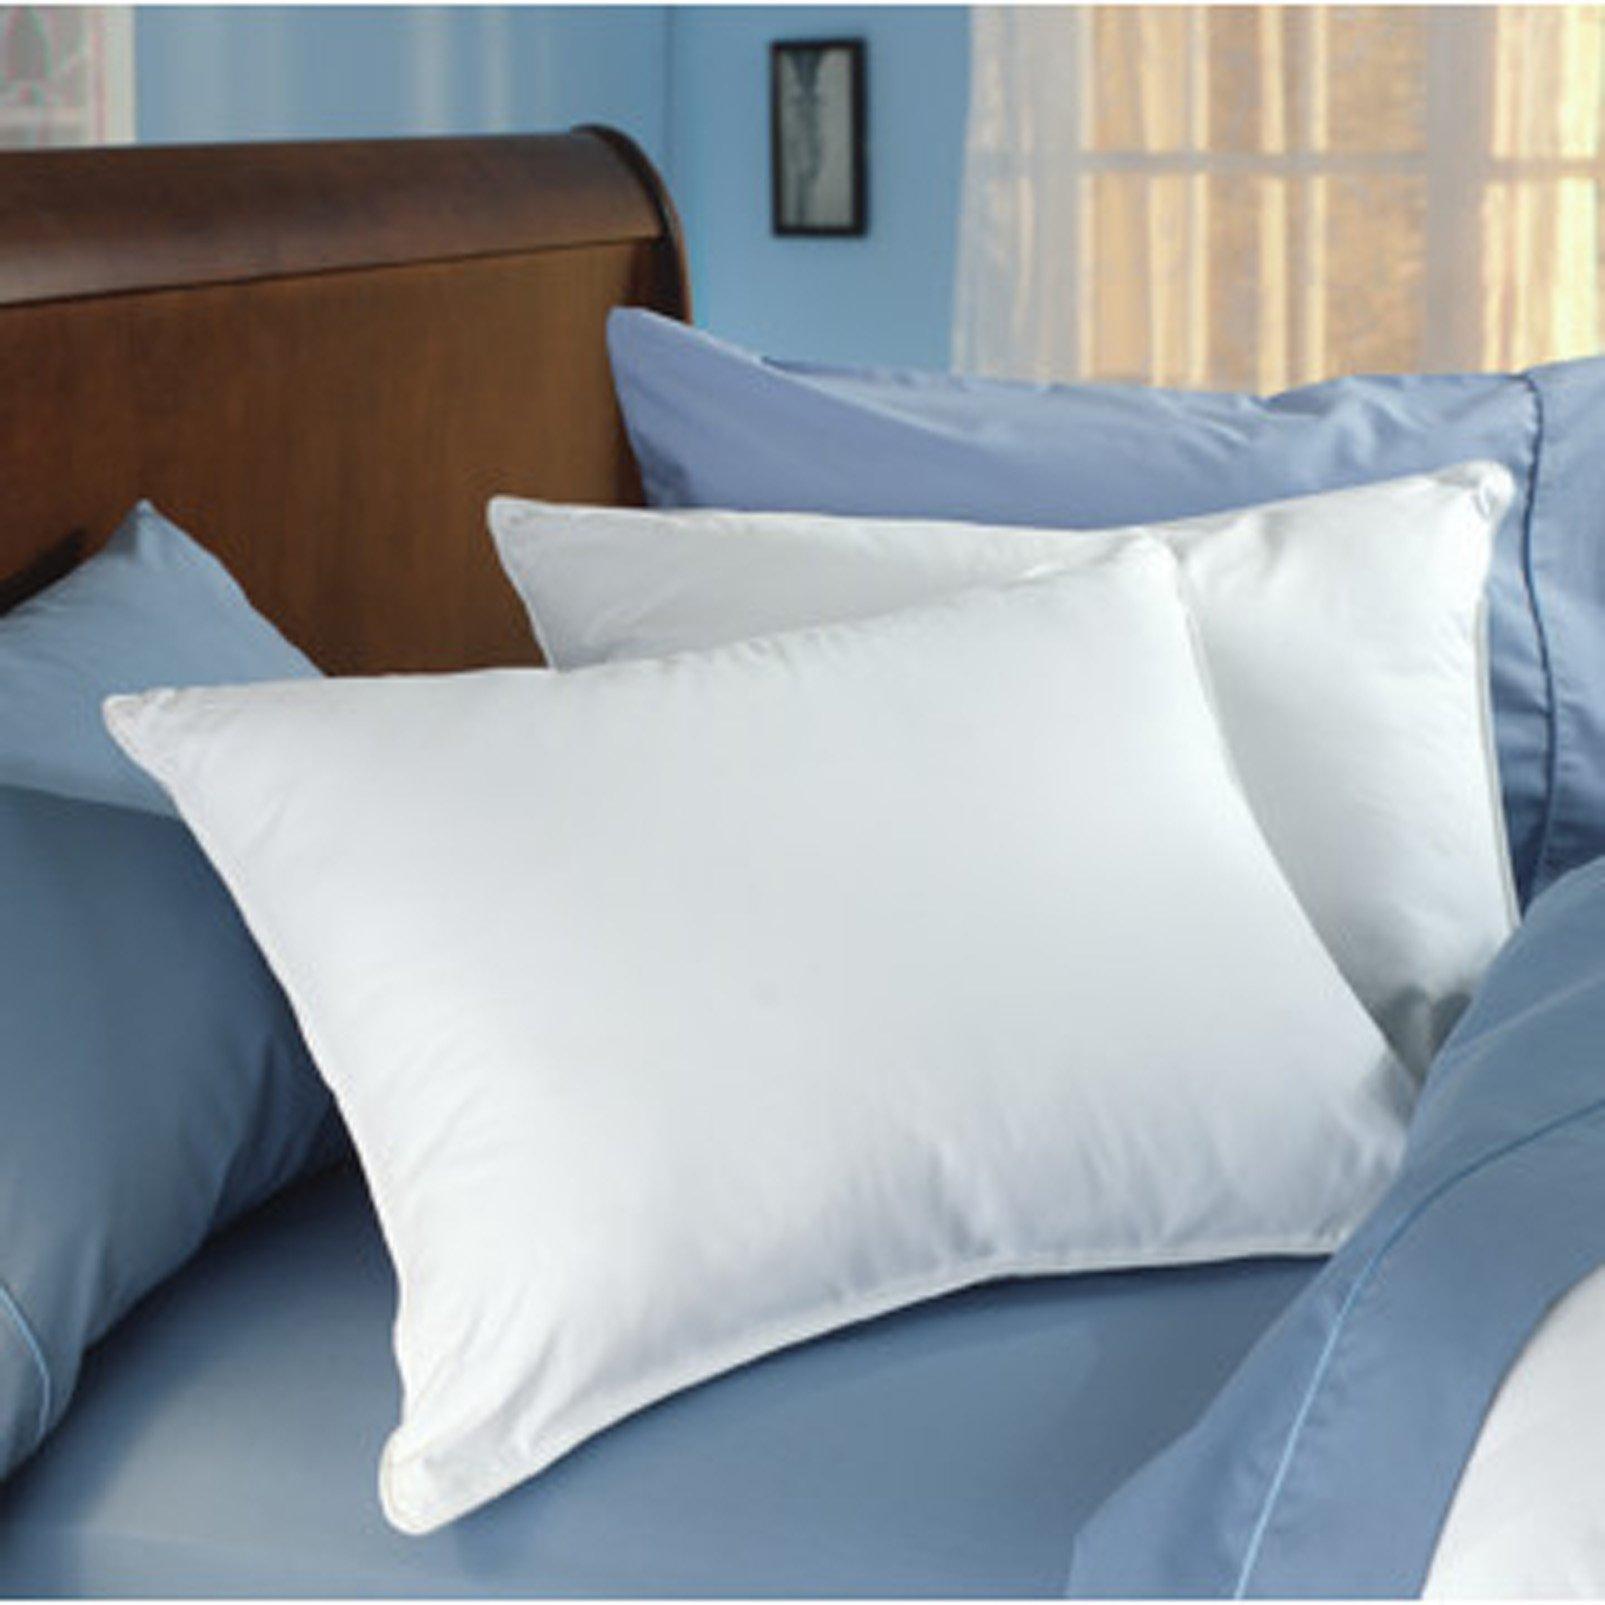 Envirosleep Dream Surrender King Pillow Set. (2 Pillows)